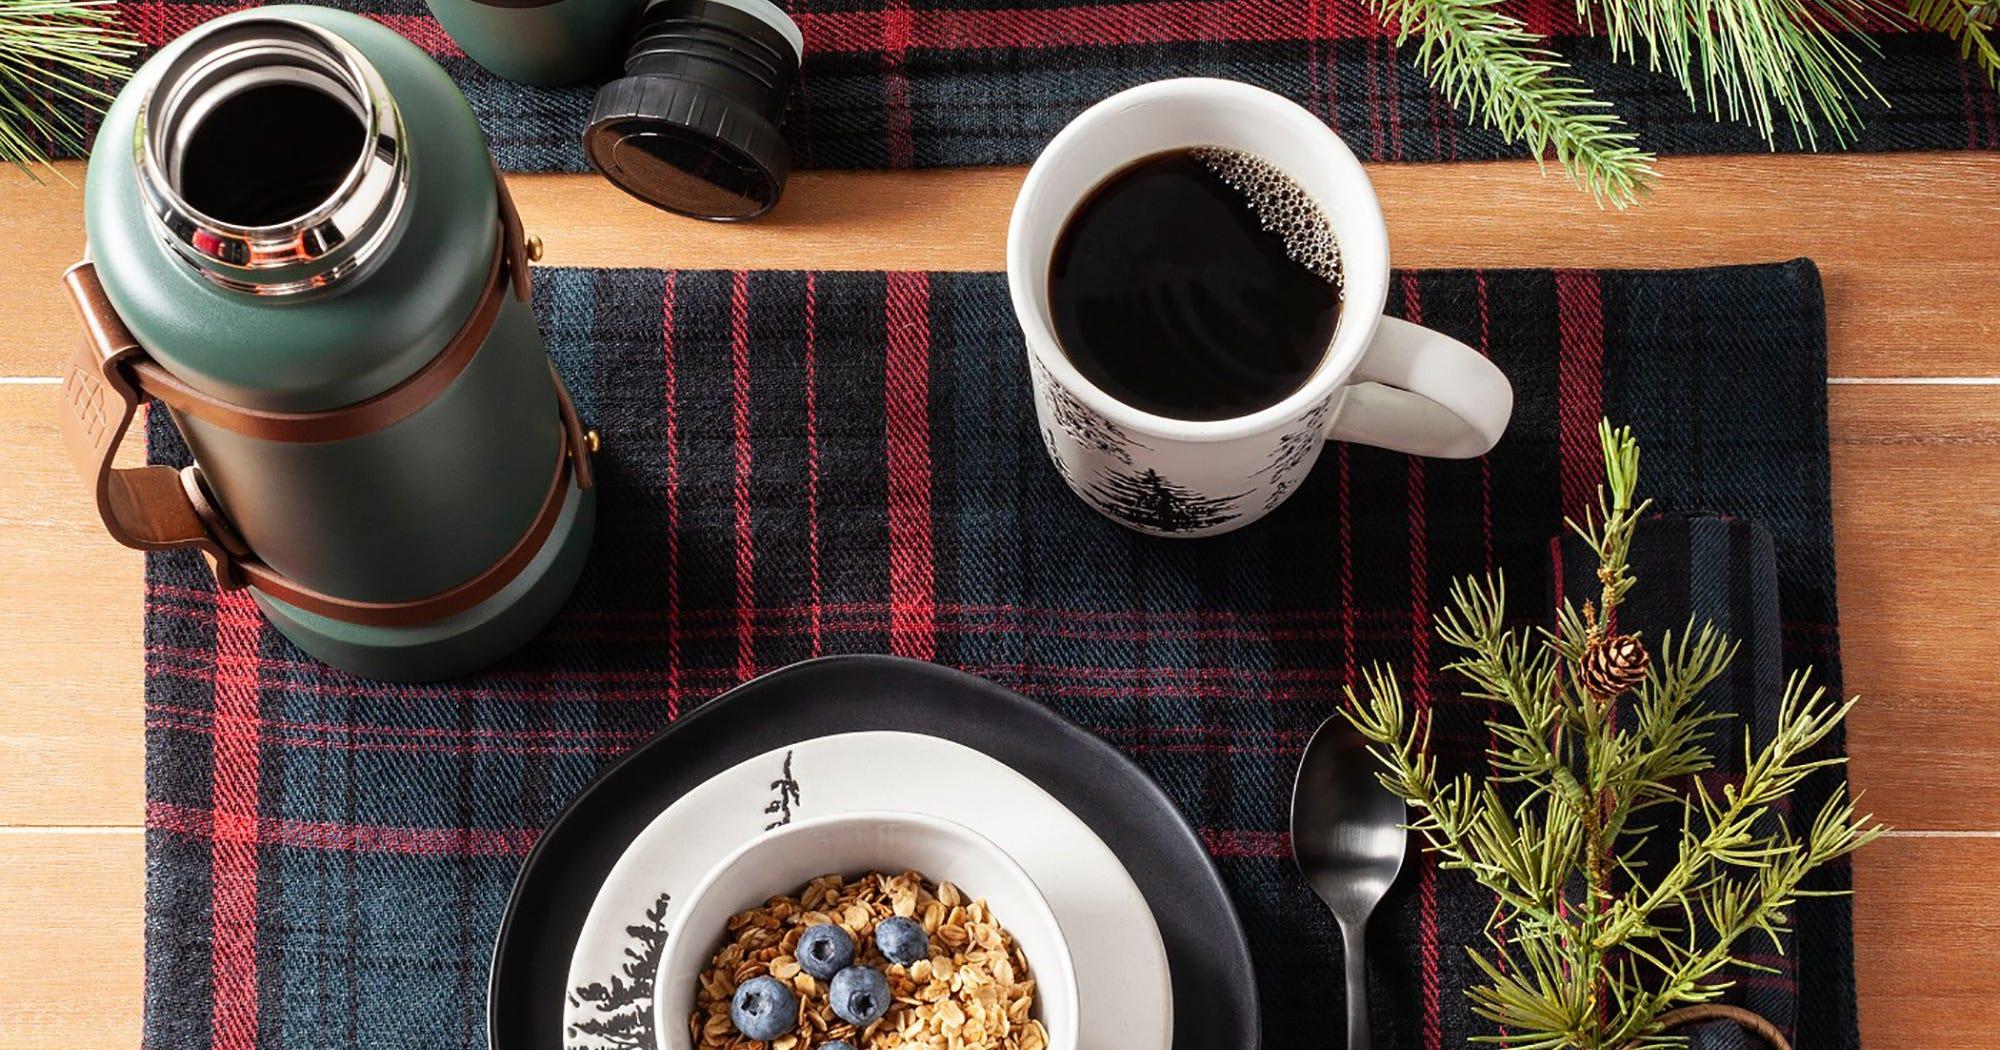 hearth hand holiday 2018 line at target best picks. Black Bedroom Furniture Sets. Home Design Ideas